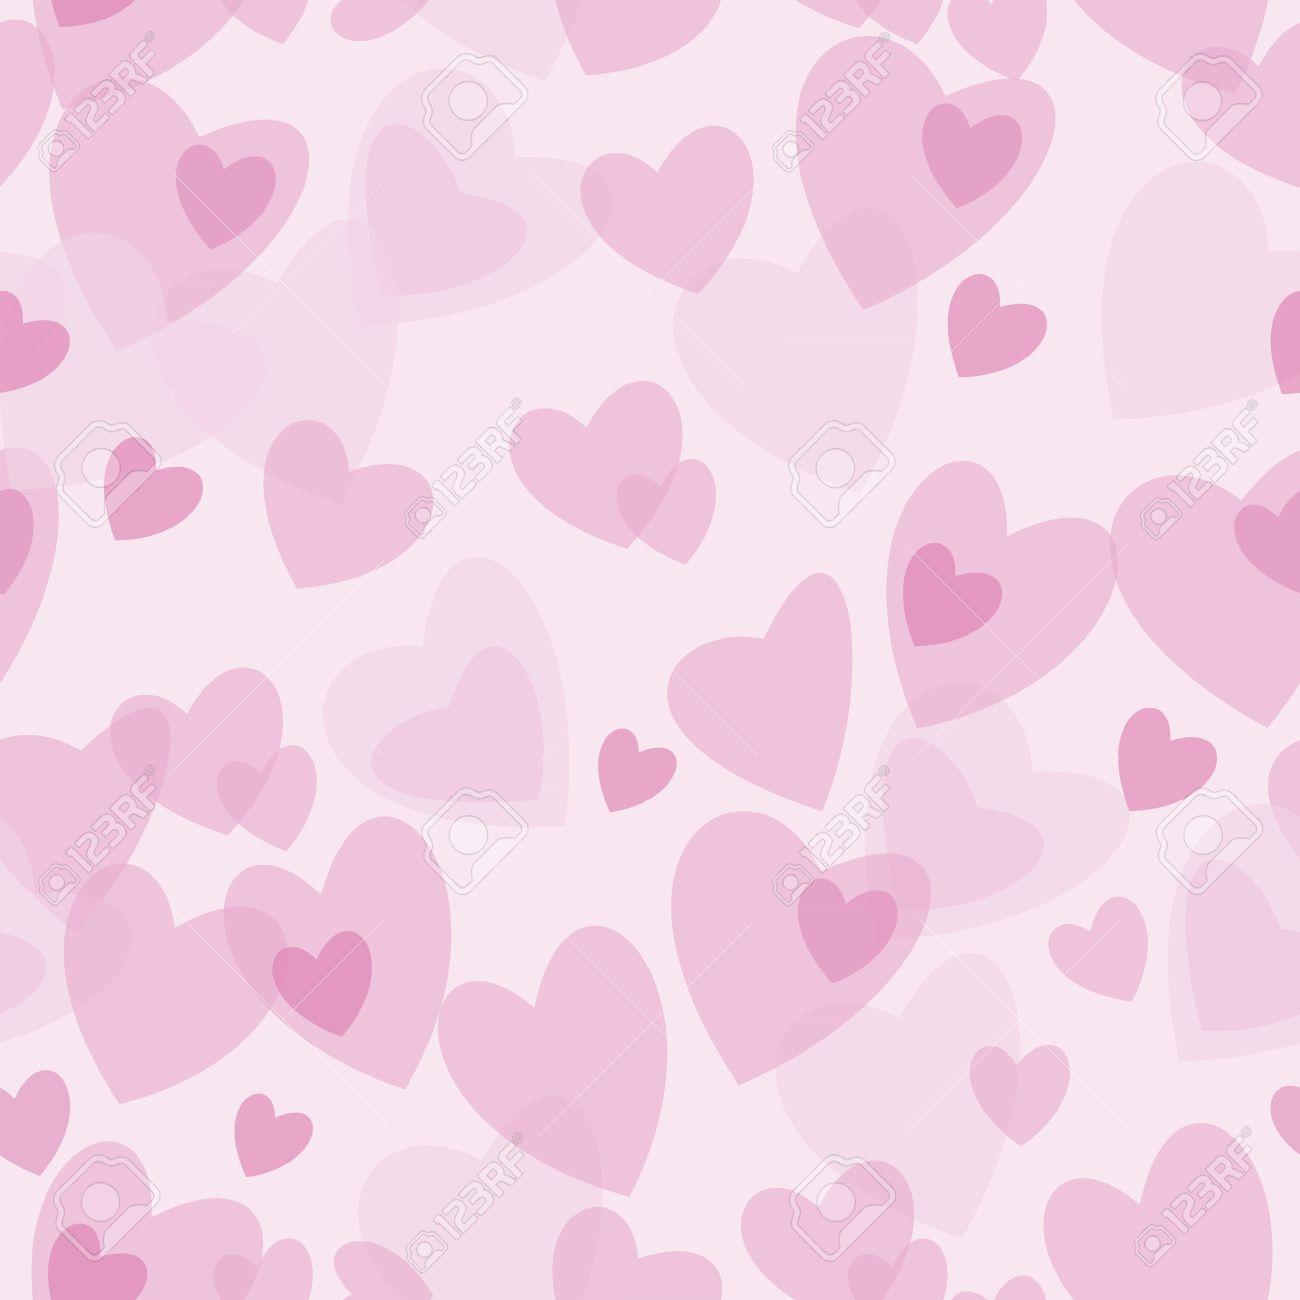 pink herats